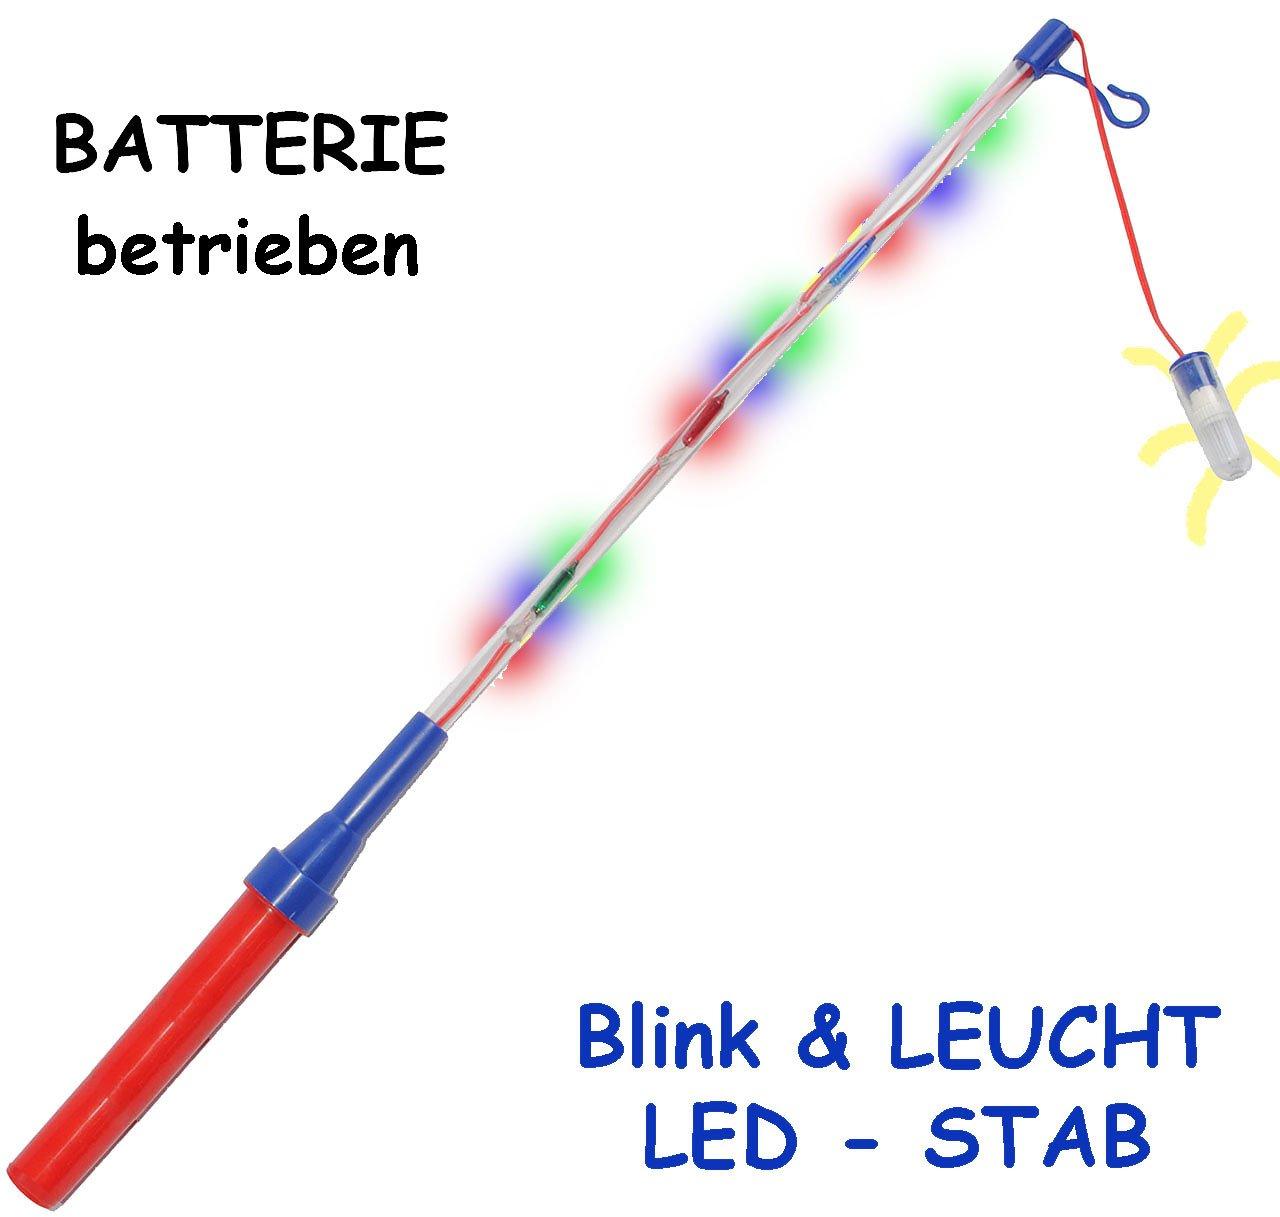 alles-meine.de GmbH 1 Stück _ LED - Blink & LEUCHT - Laternenstab - elektrisch Blinkender Stab - incl. Name - für Batterie - z. B. für Laternen & Lampions - 51 cm - Bunte Farben..